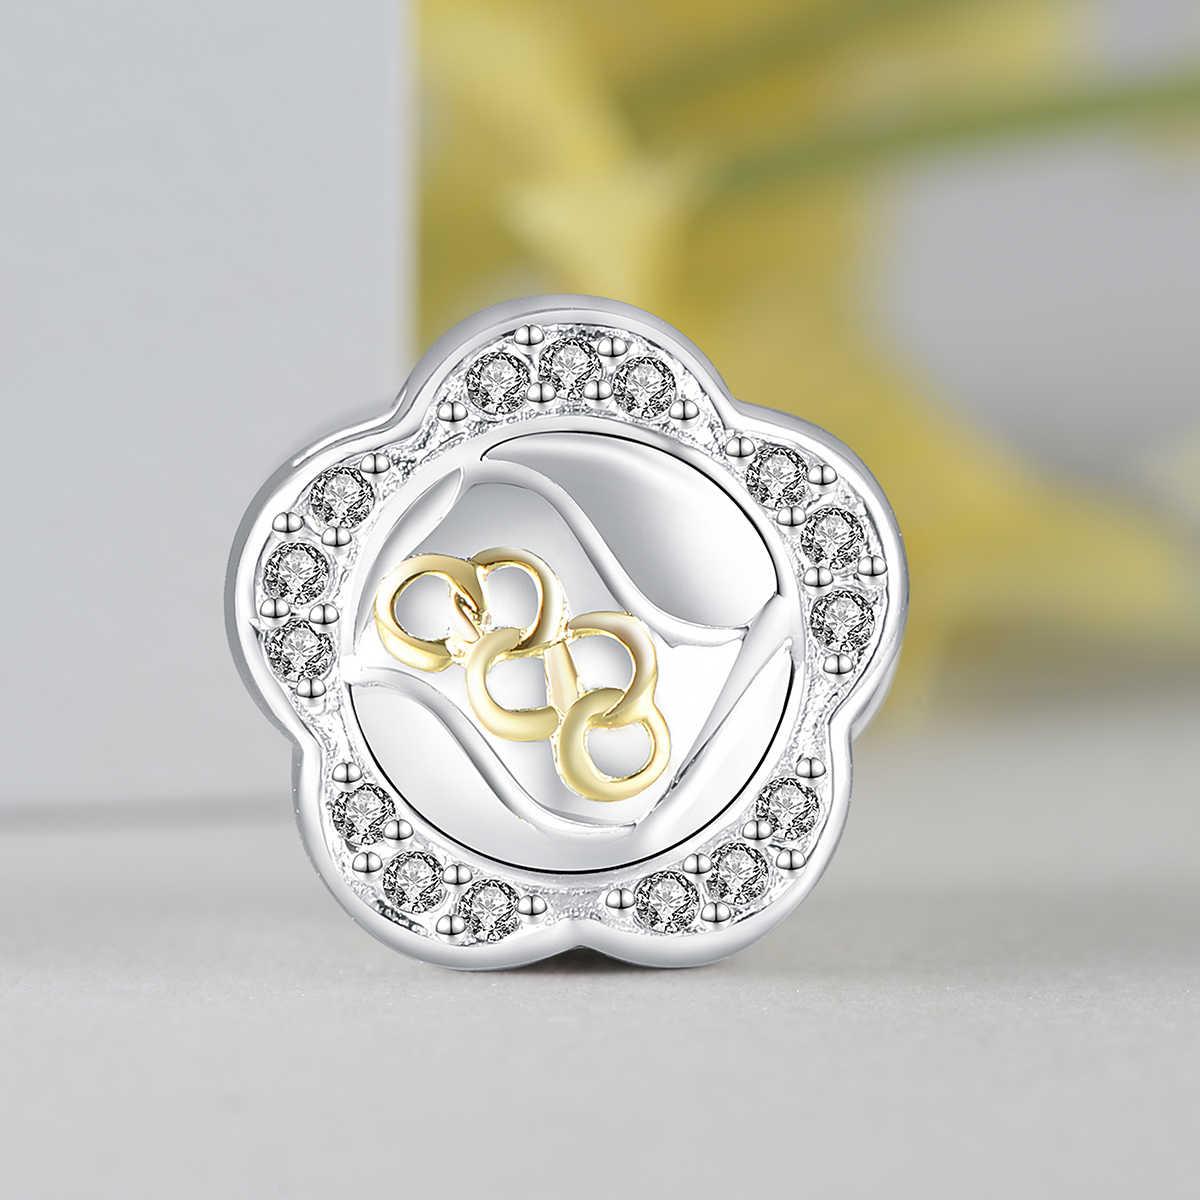 Женские золотистые бусины GW, из стерлингового серебра 925 пробы, Очаровательные Кристаллы с цветком, подходят для оригинального браслета «сделай сам», ожерелье, ювелирные изделия E037